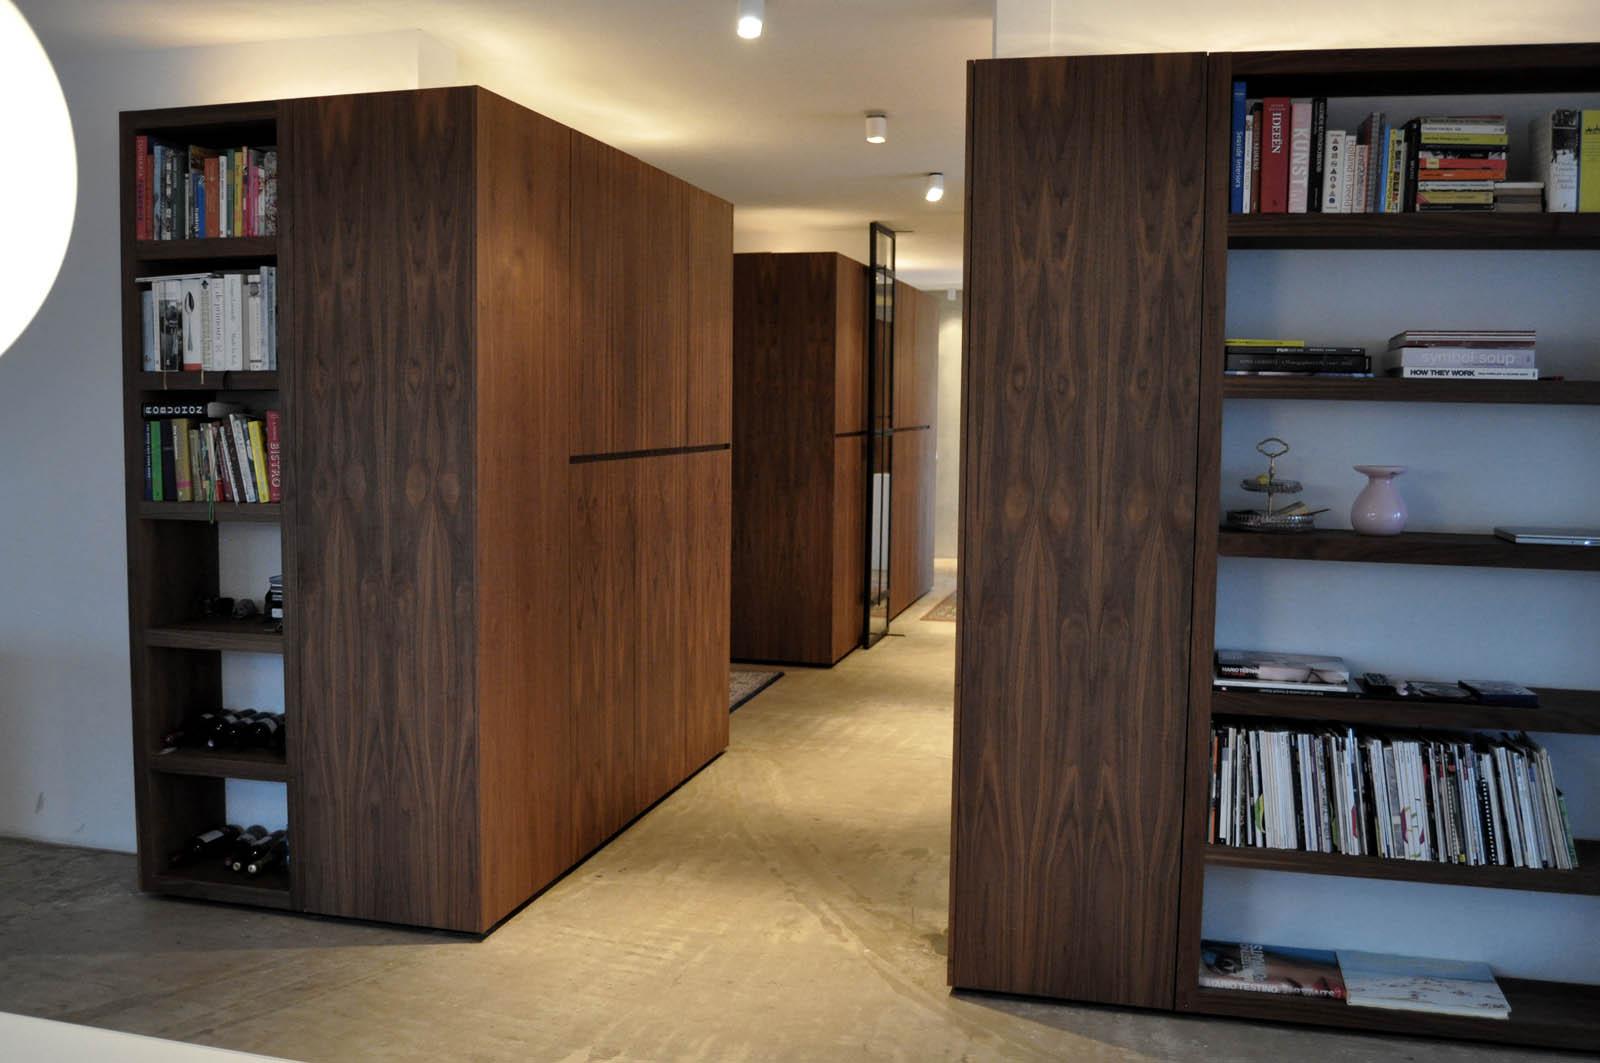 Cabinet, Loft IJ, by Jeroen de Nijs